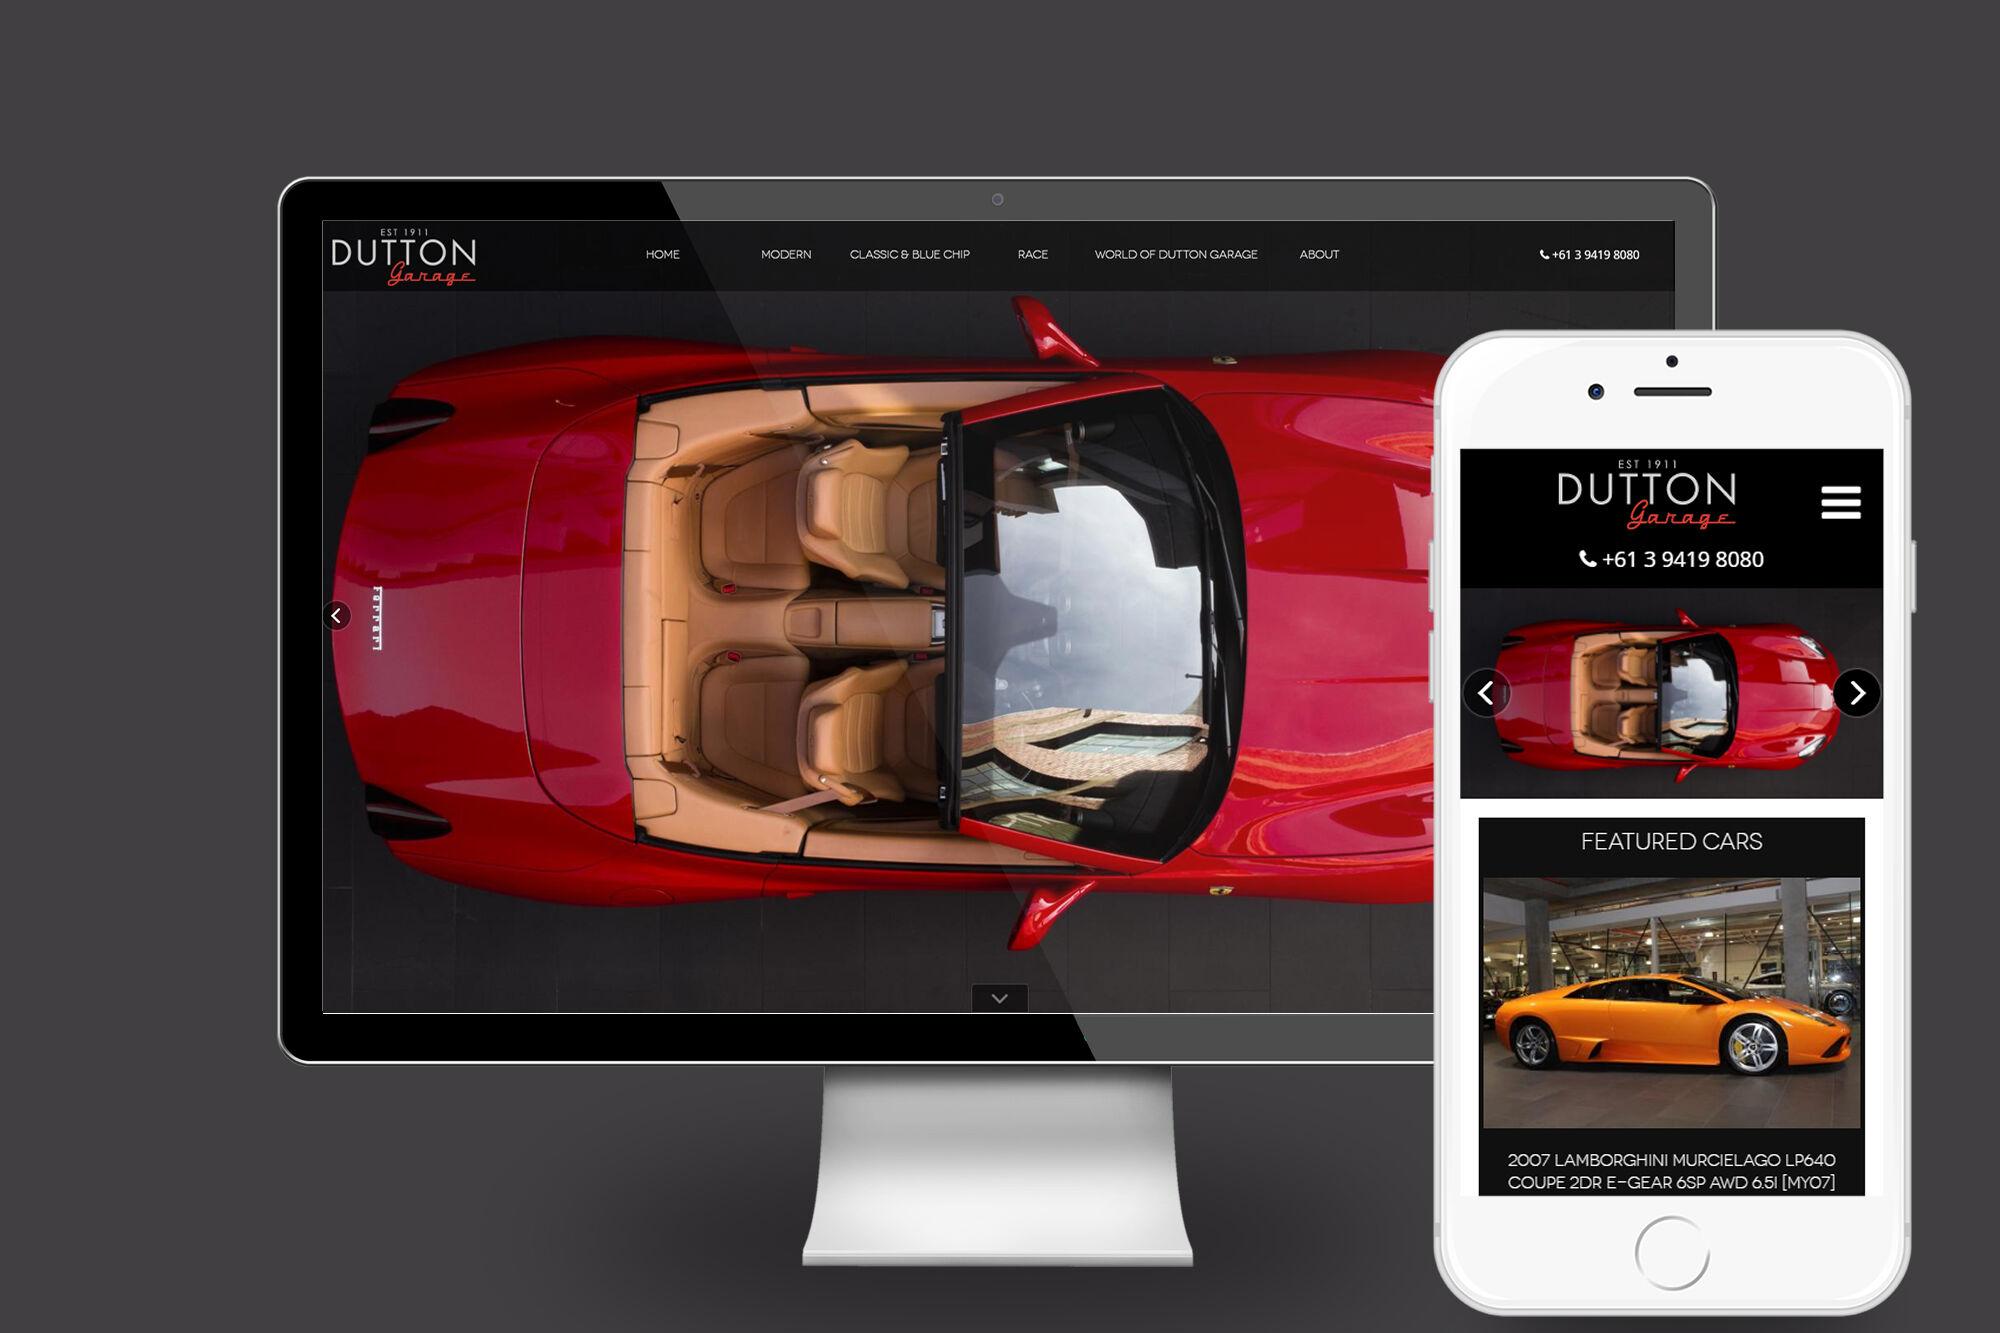 Dutton Garage2